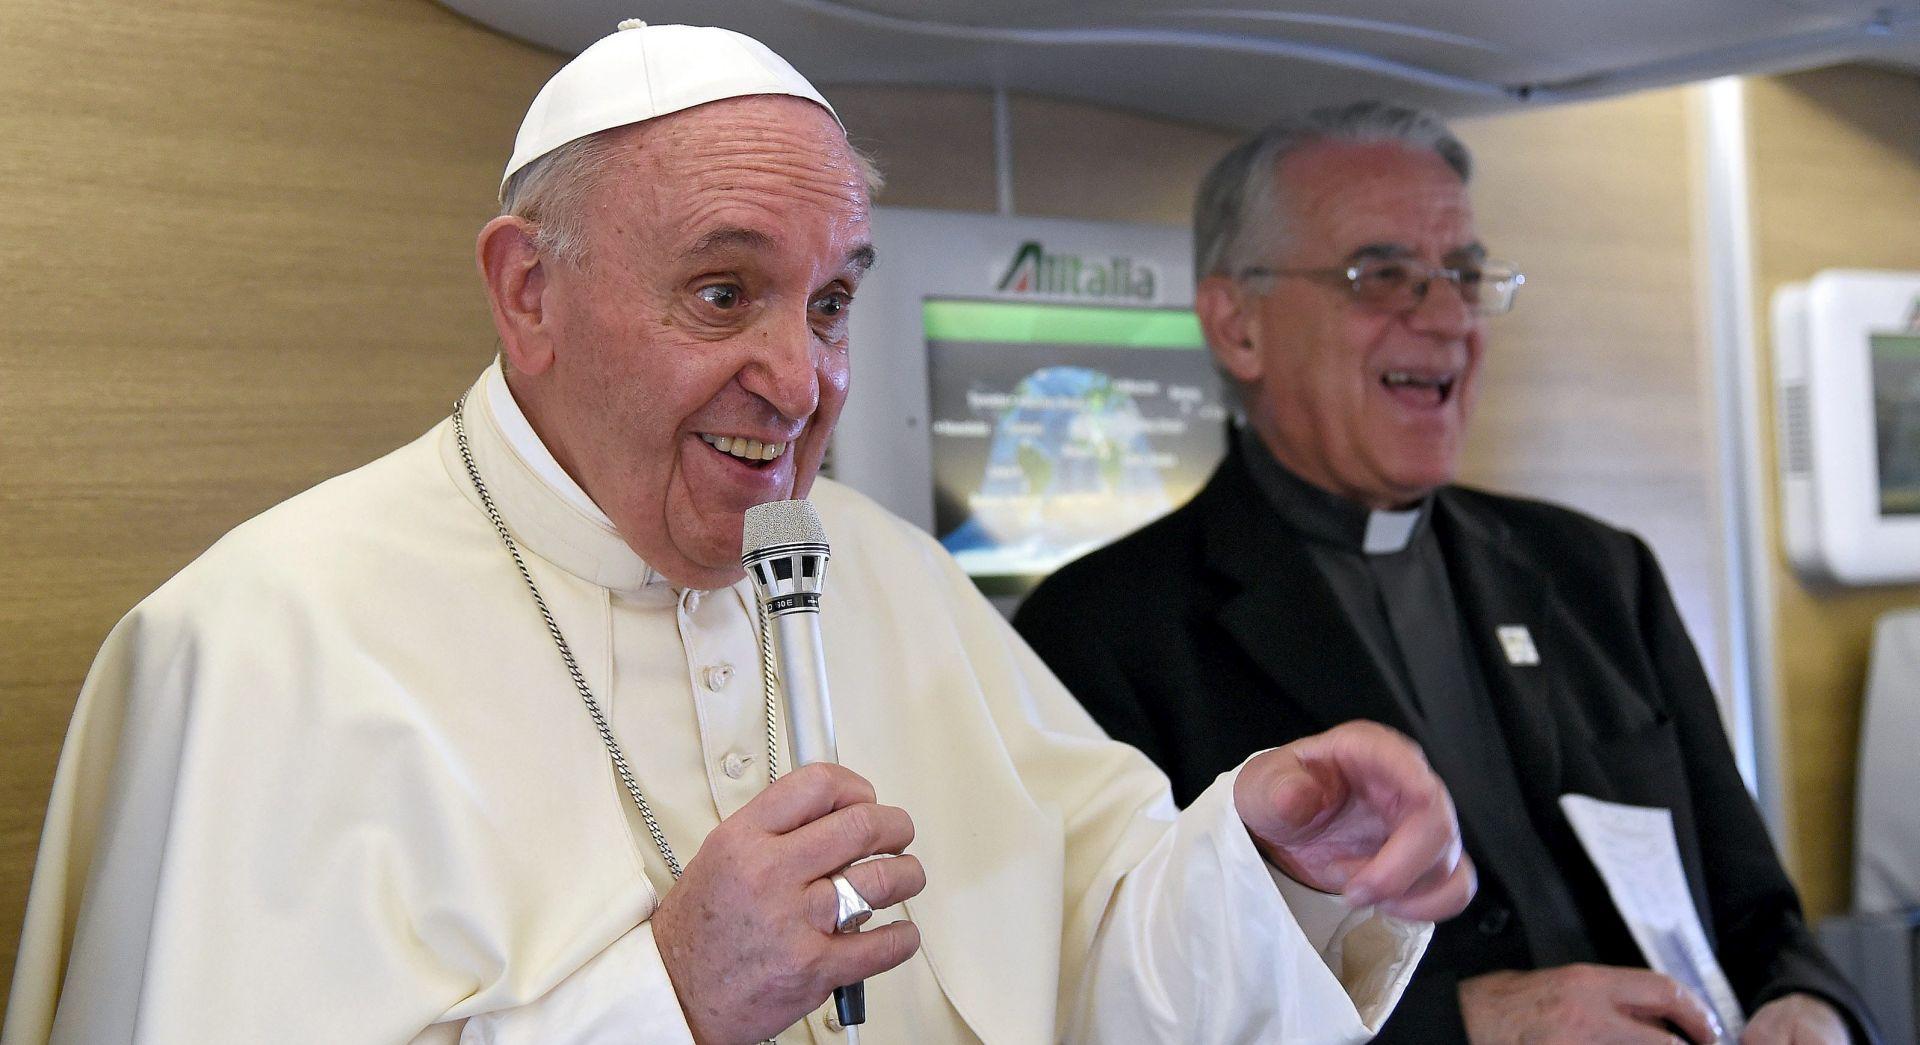 TREBA DJELOVATI: Papa kaže da je vrijeme za dogovor o klimatskom zatopljenju sada ili nikada